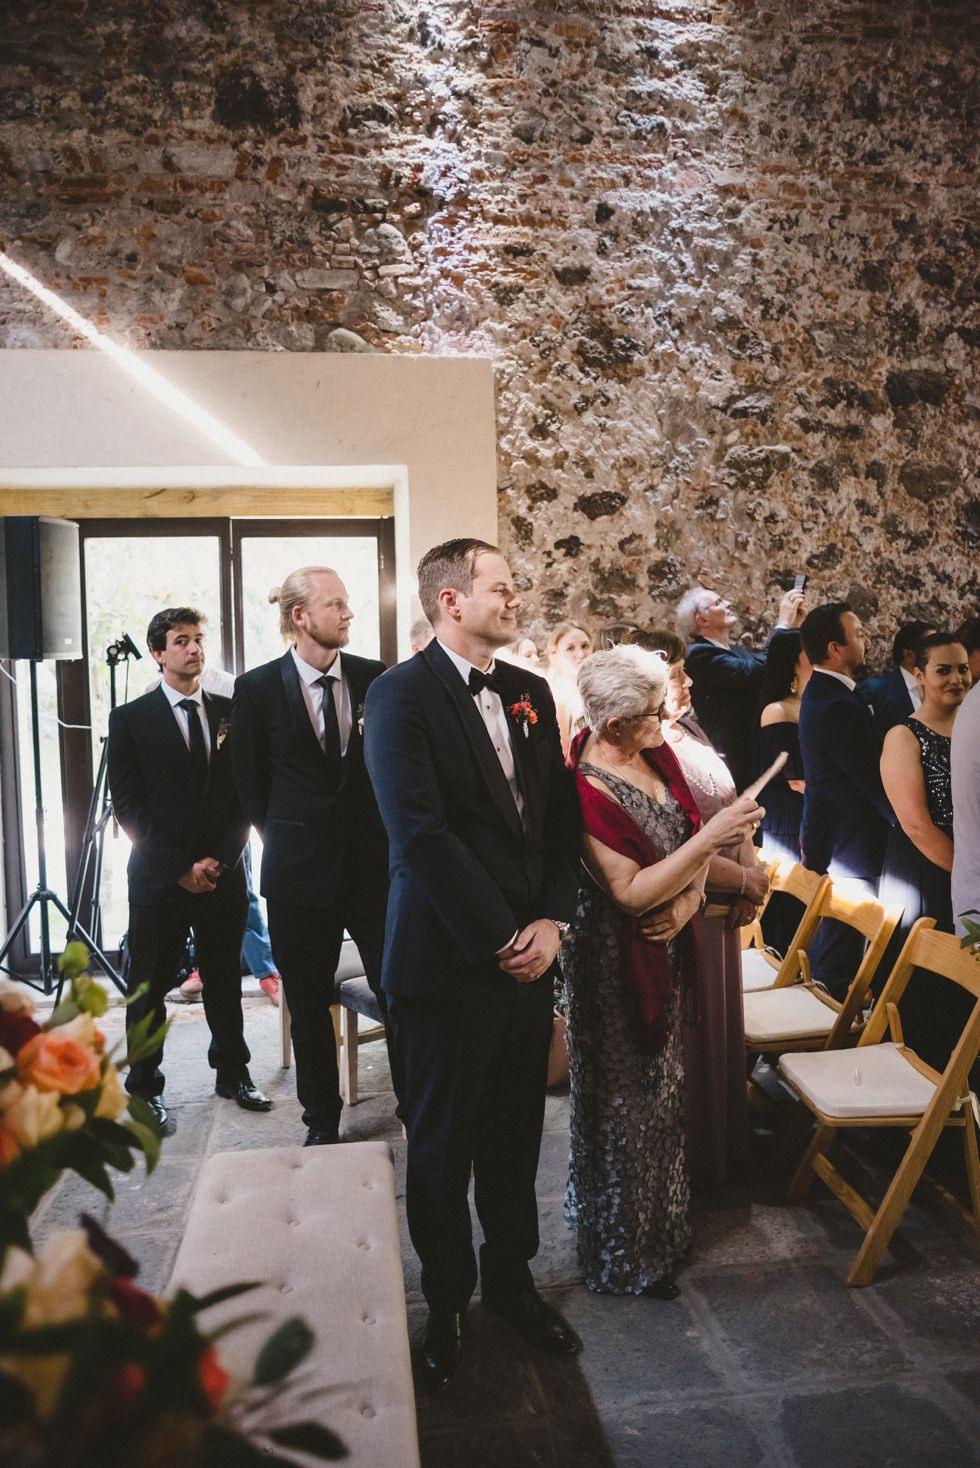 weddingdreams-fotografos_profesionales_de_bodas_1564.jpg